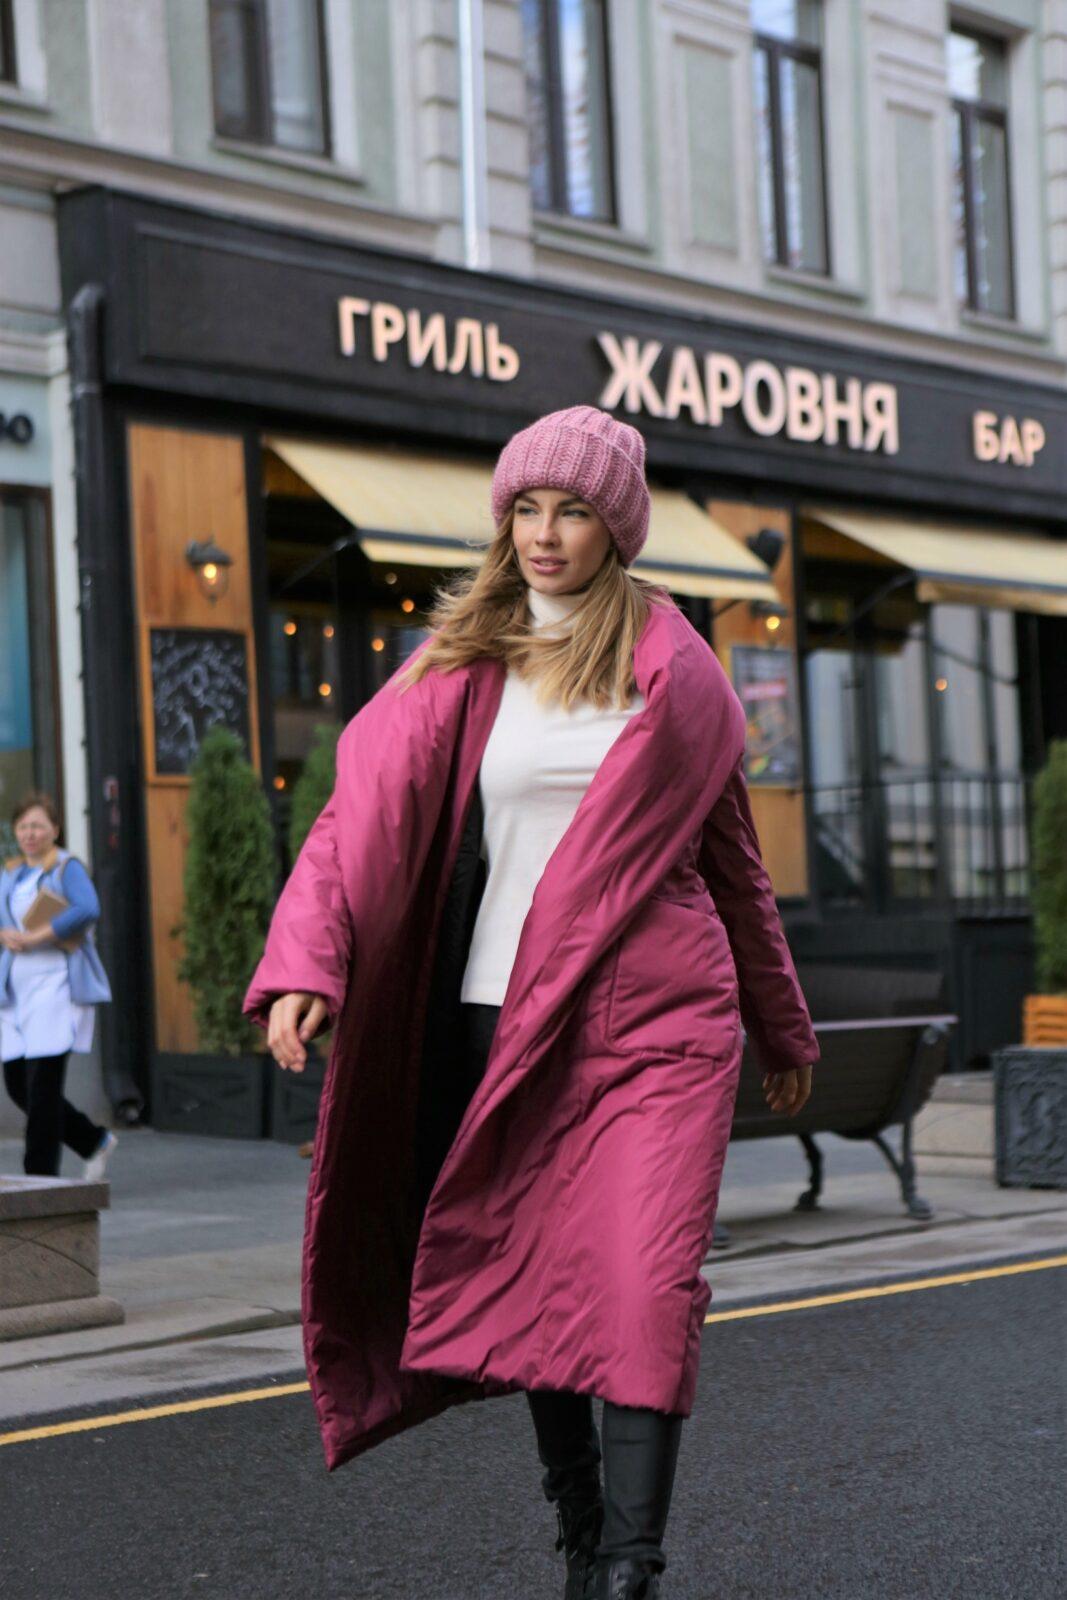 Пуховик одеяло обязательный атрибут женского зимнего гардероба